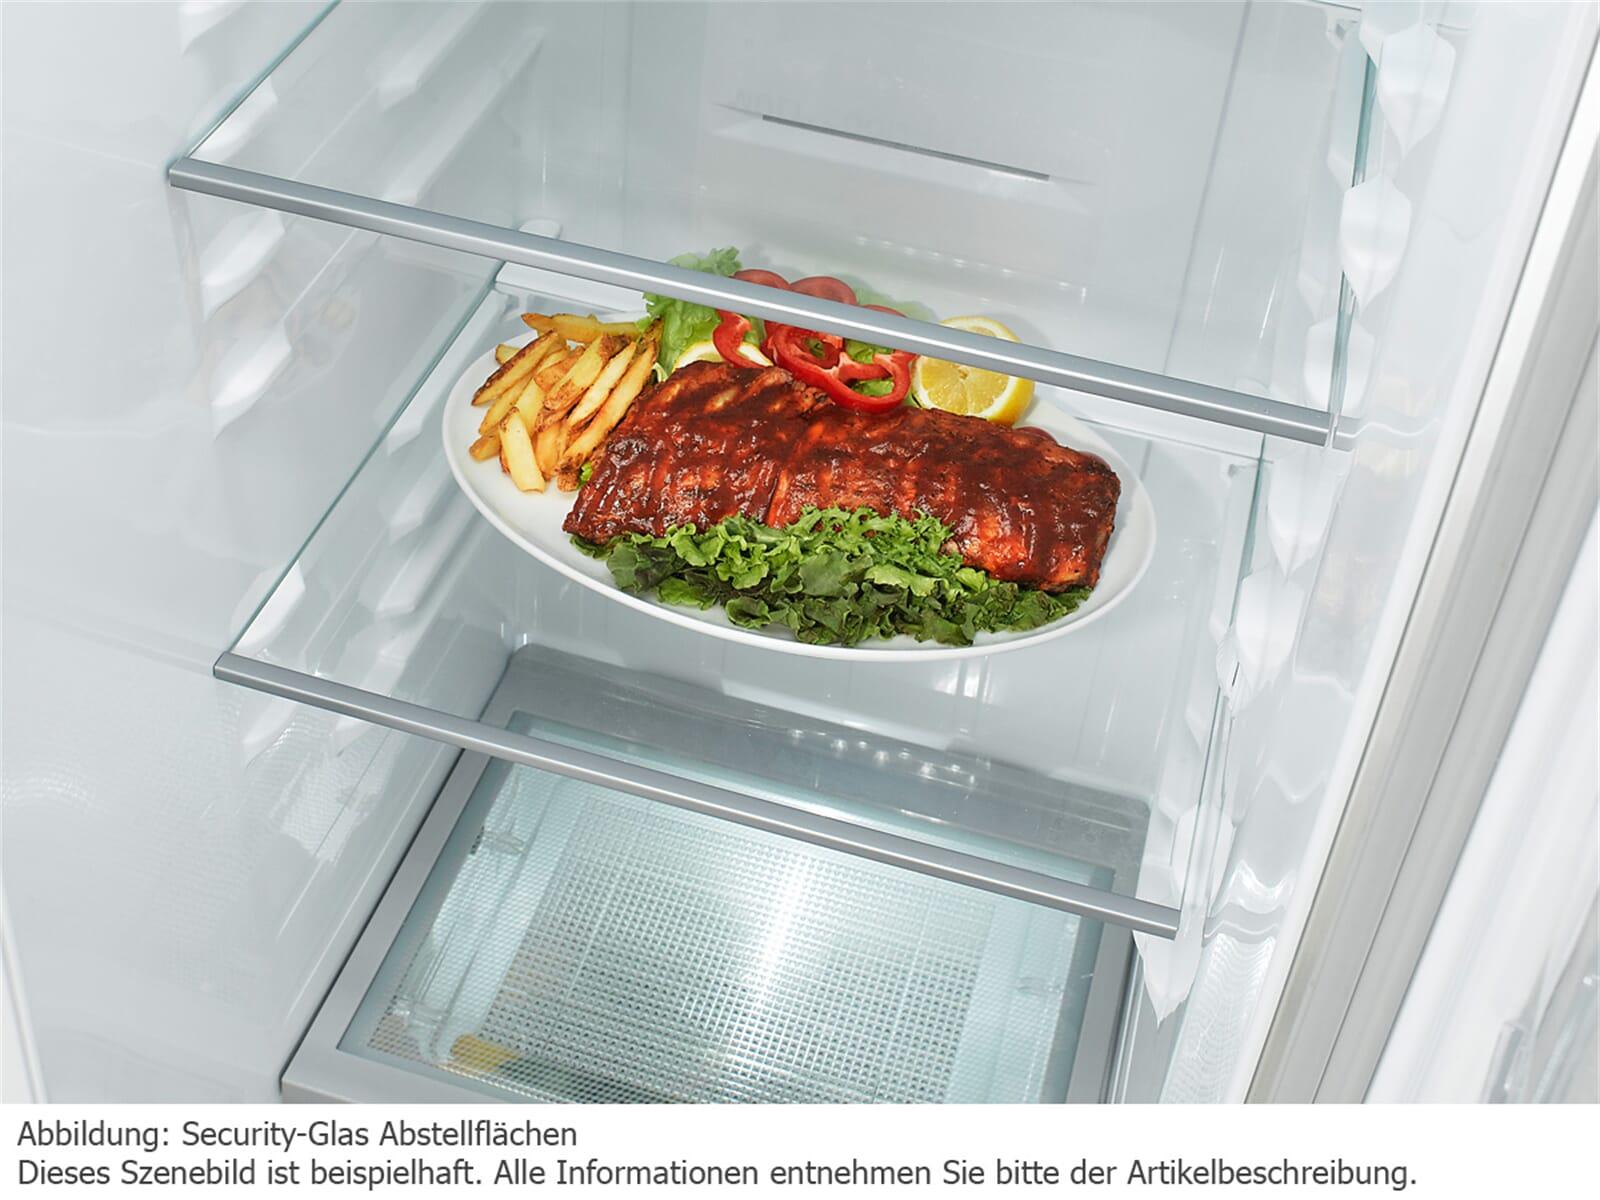 LG GSL 360 ICEZ Side by Side Kühl-Gefrier-Kombination Dark Graphite